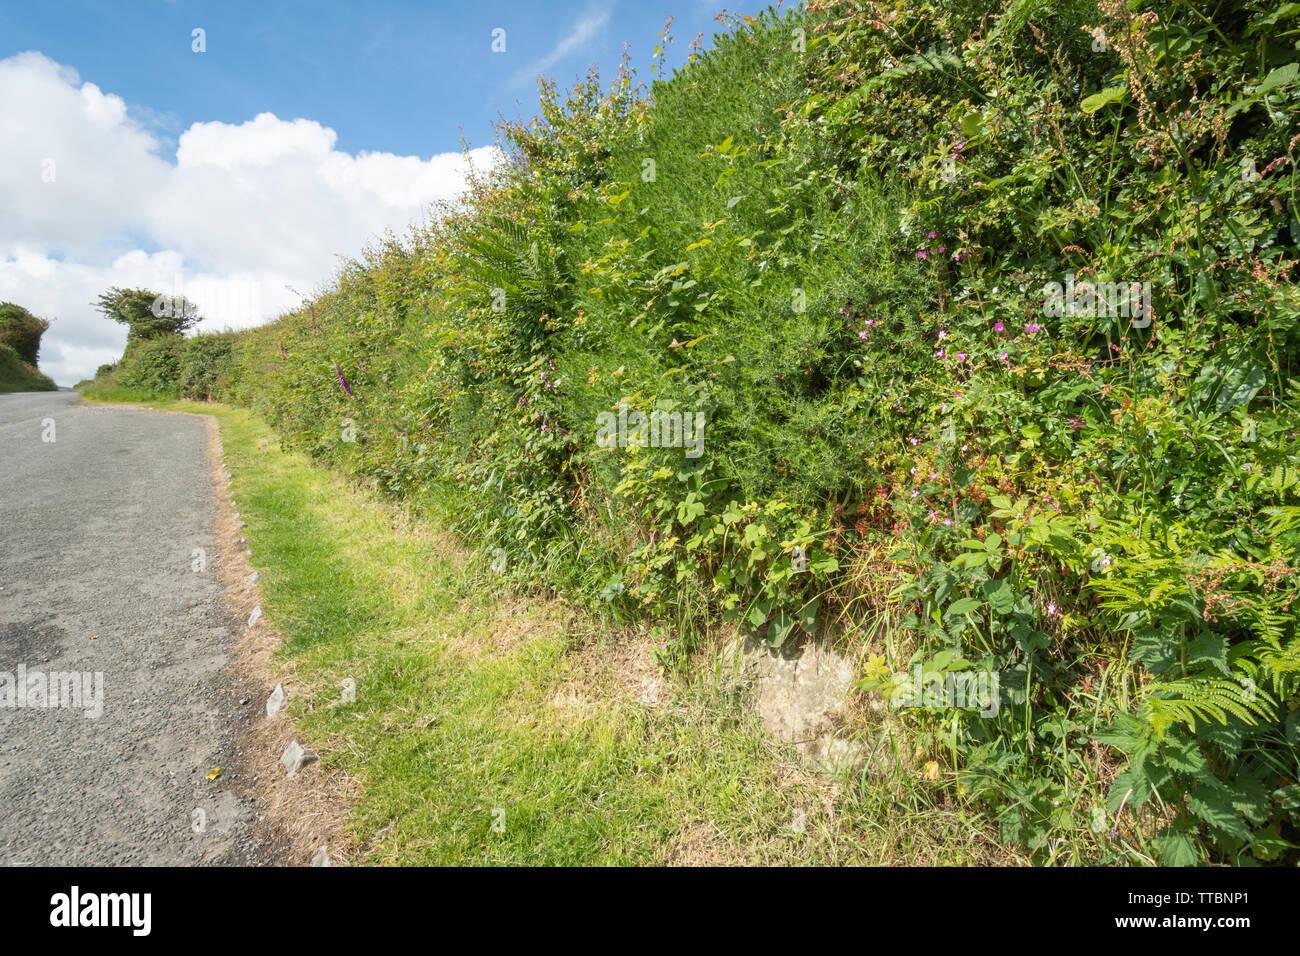 Fiori Del Mese Di Giugno pembrokeshire hedge siepe hedgebank (hedge banca), un